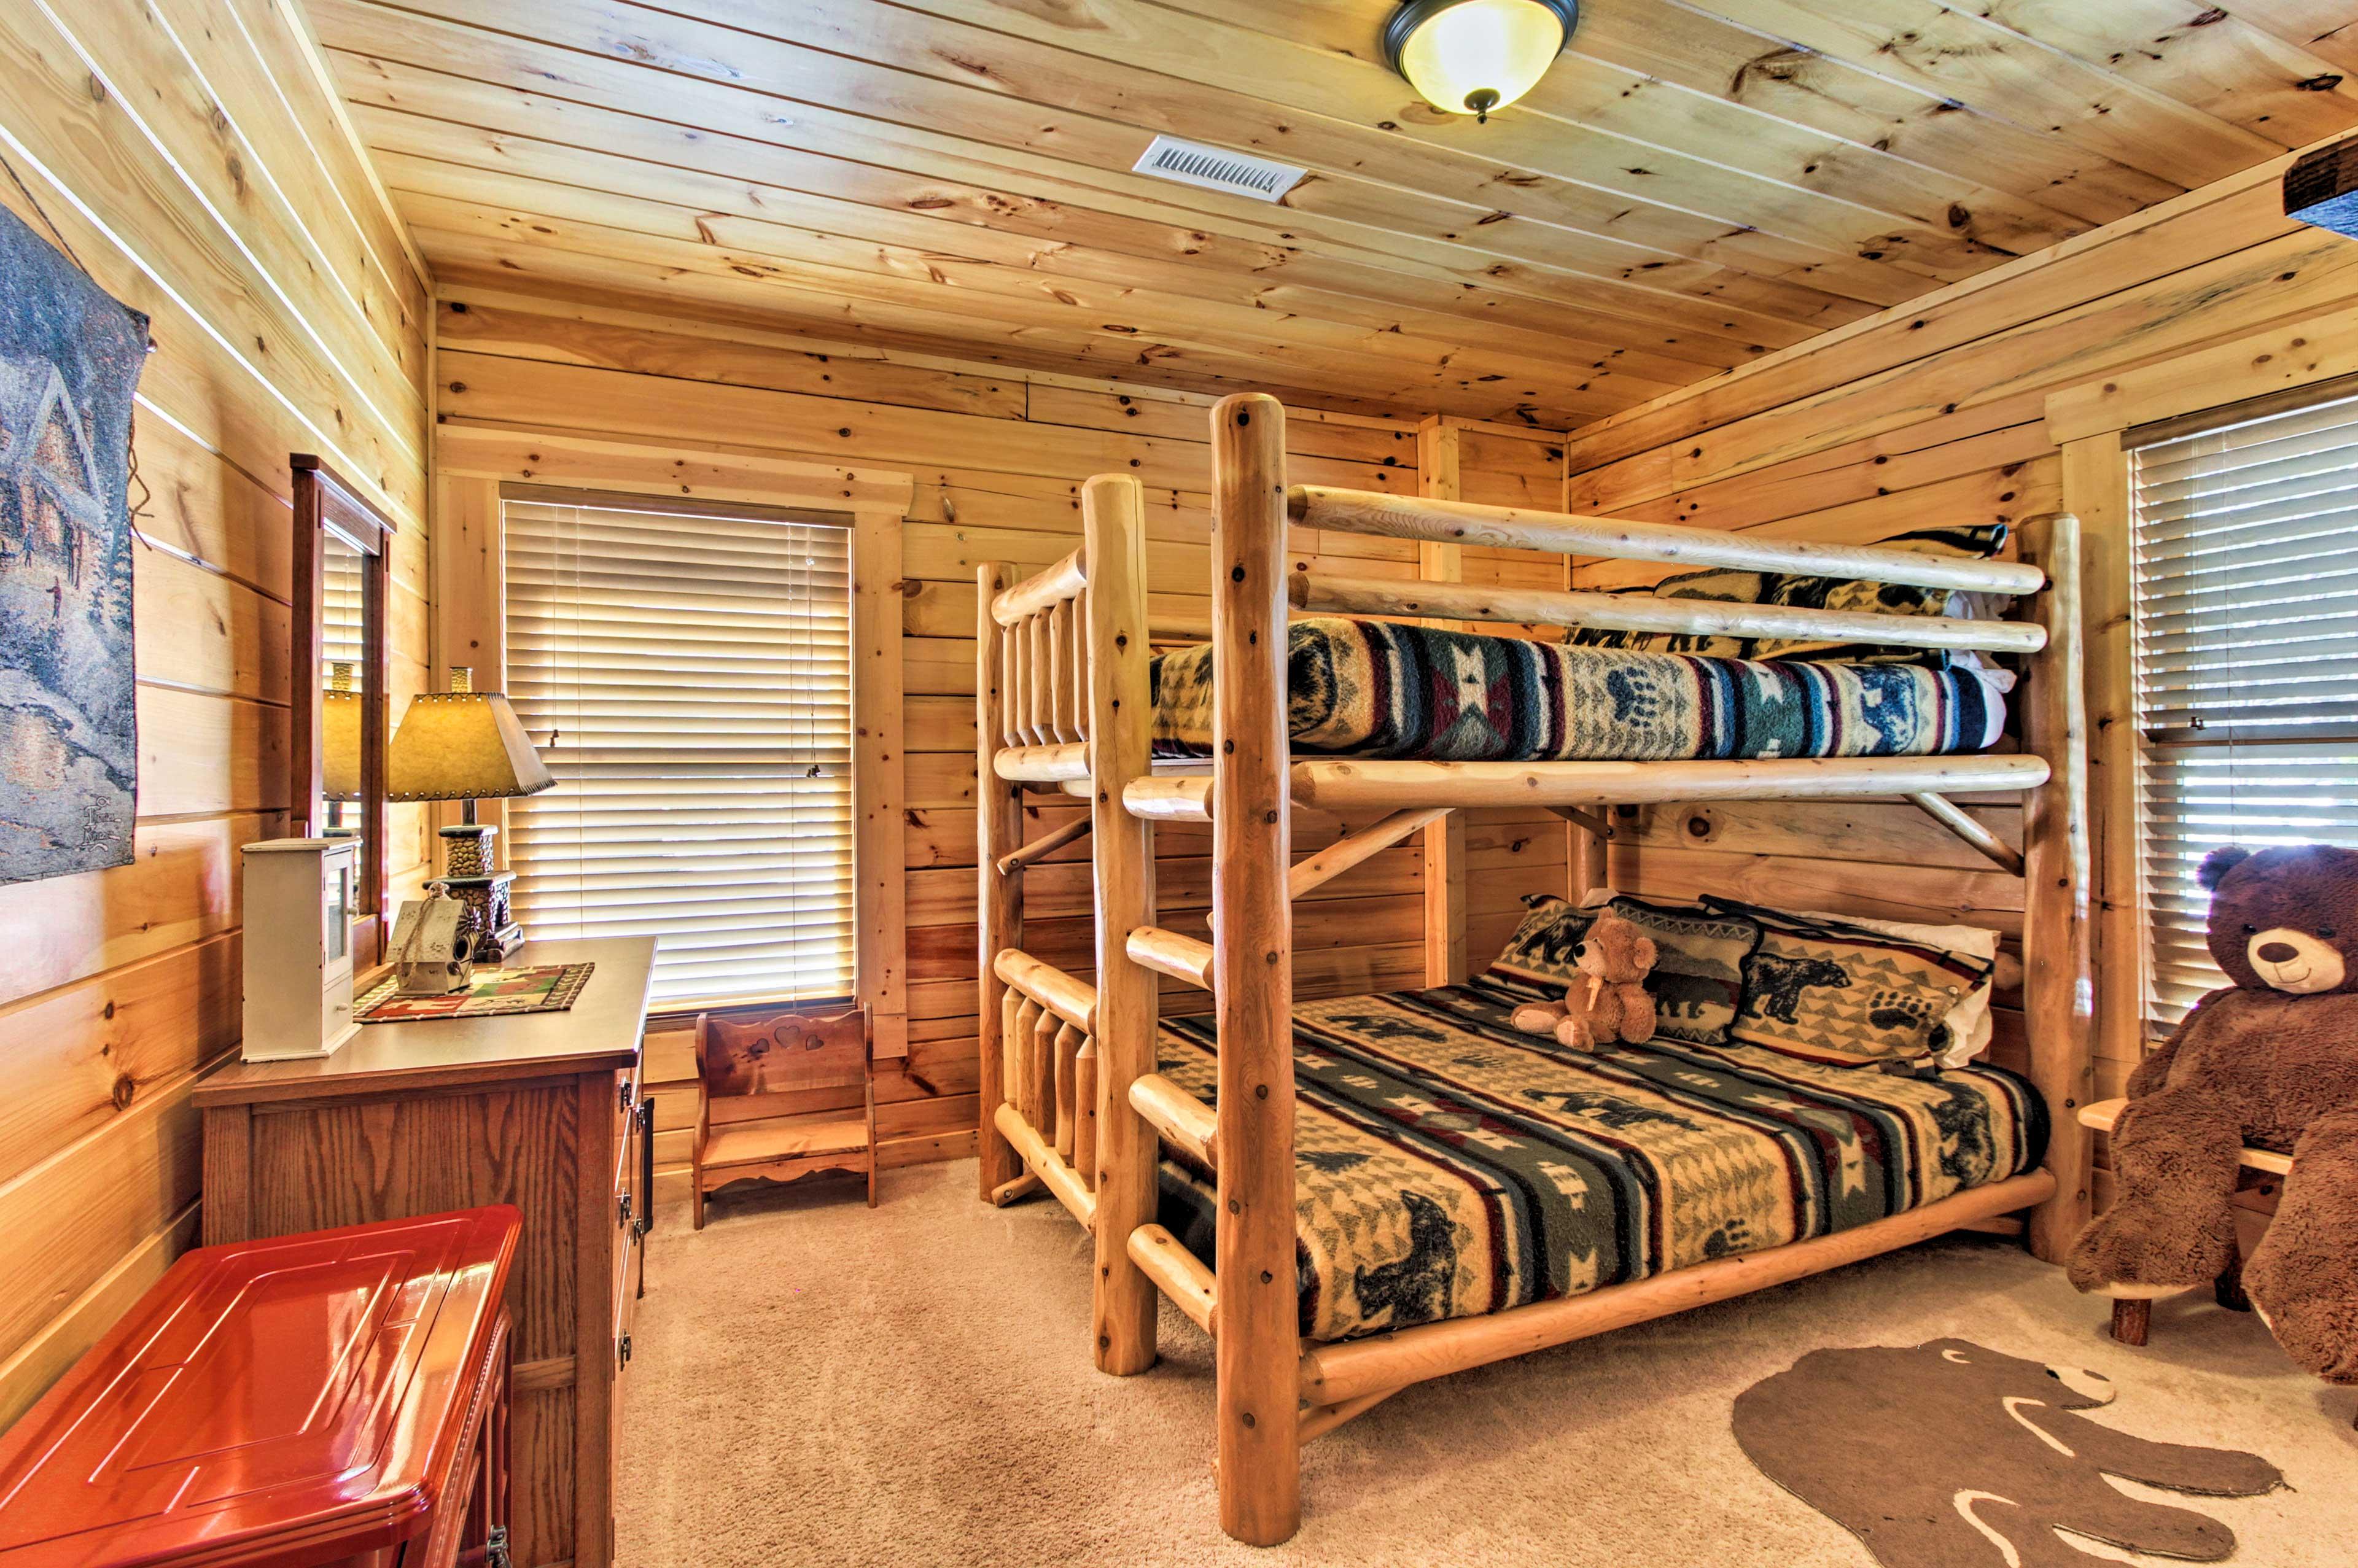 Queen-over-queen bunk beds can keep 4 cozy in this comfortable bedroom!